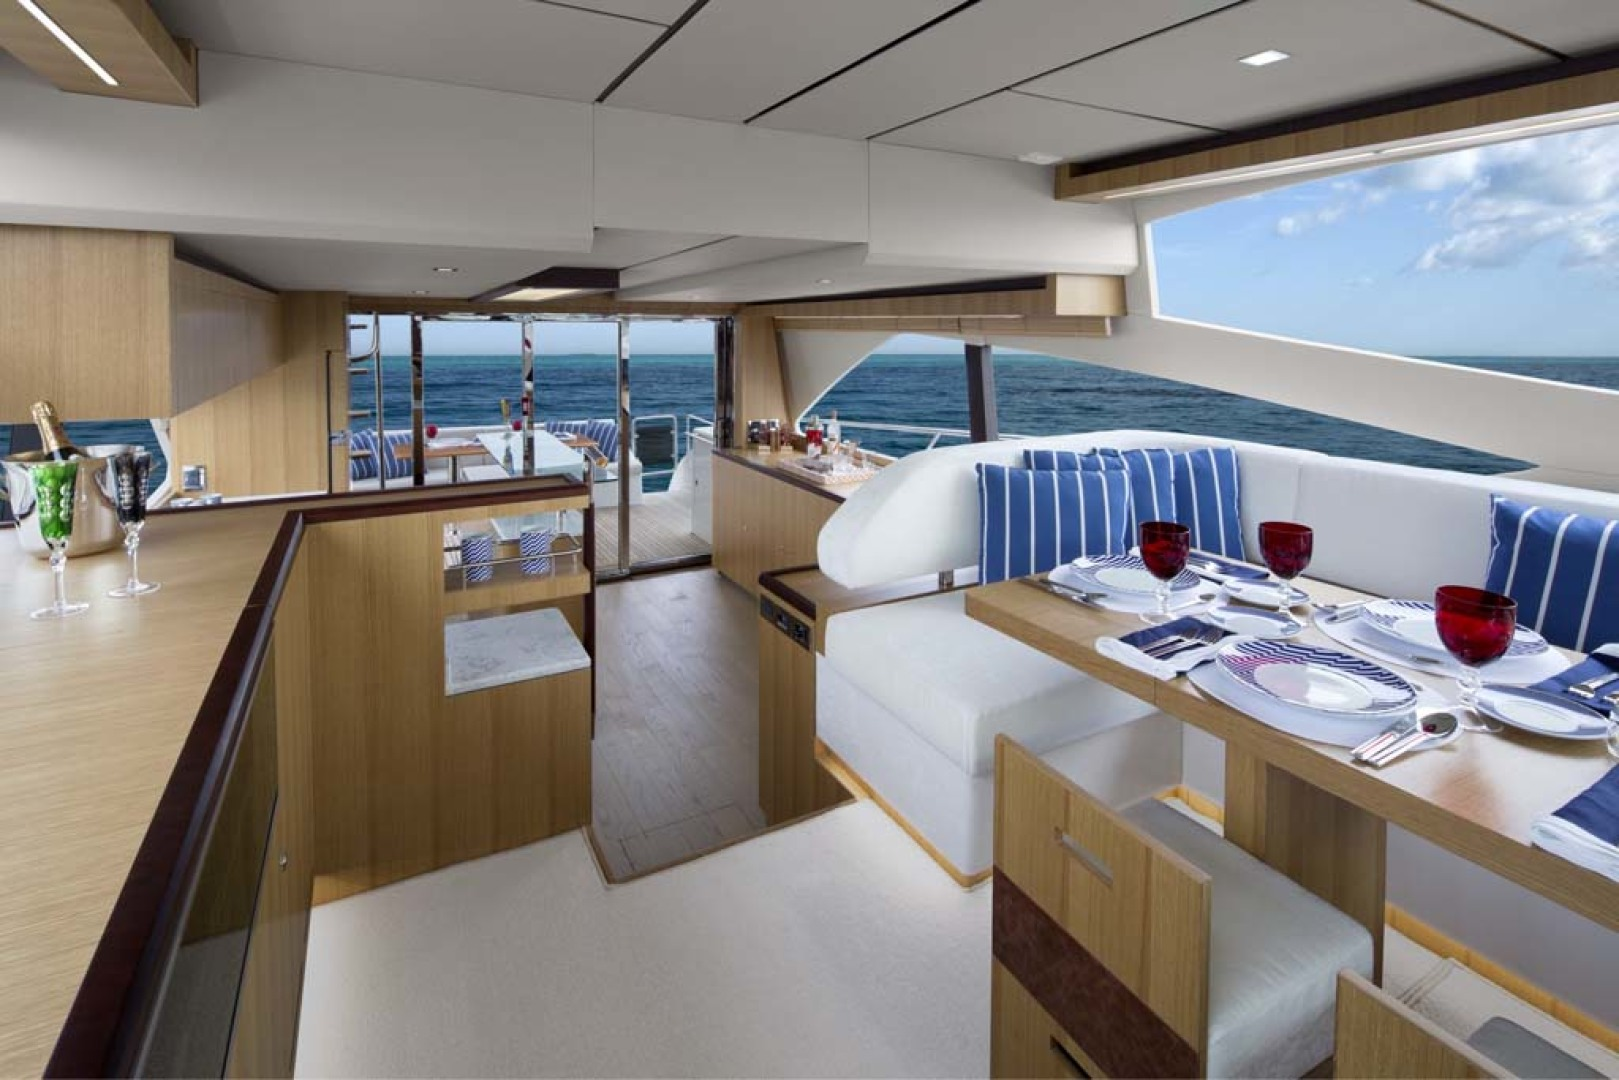 Dyna Yachts-Flybridge 2021 -Florida-United States-Main Salon-1065890 | Thumbnail